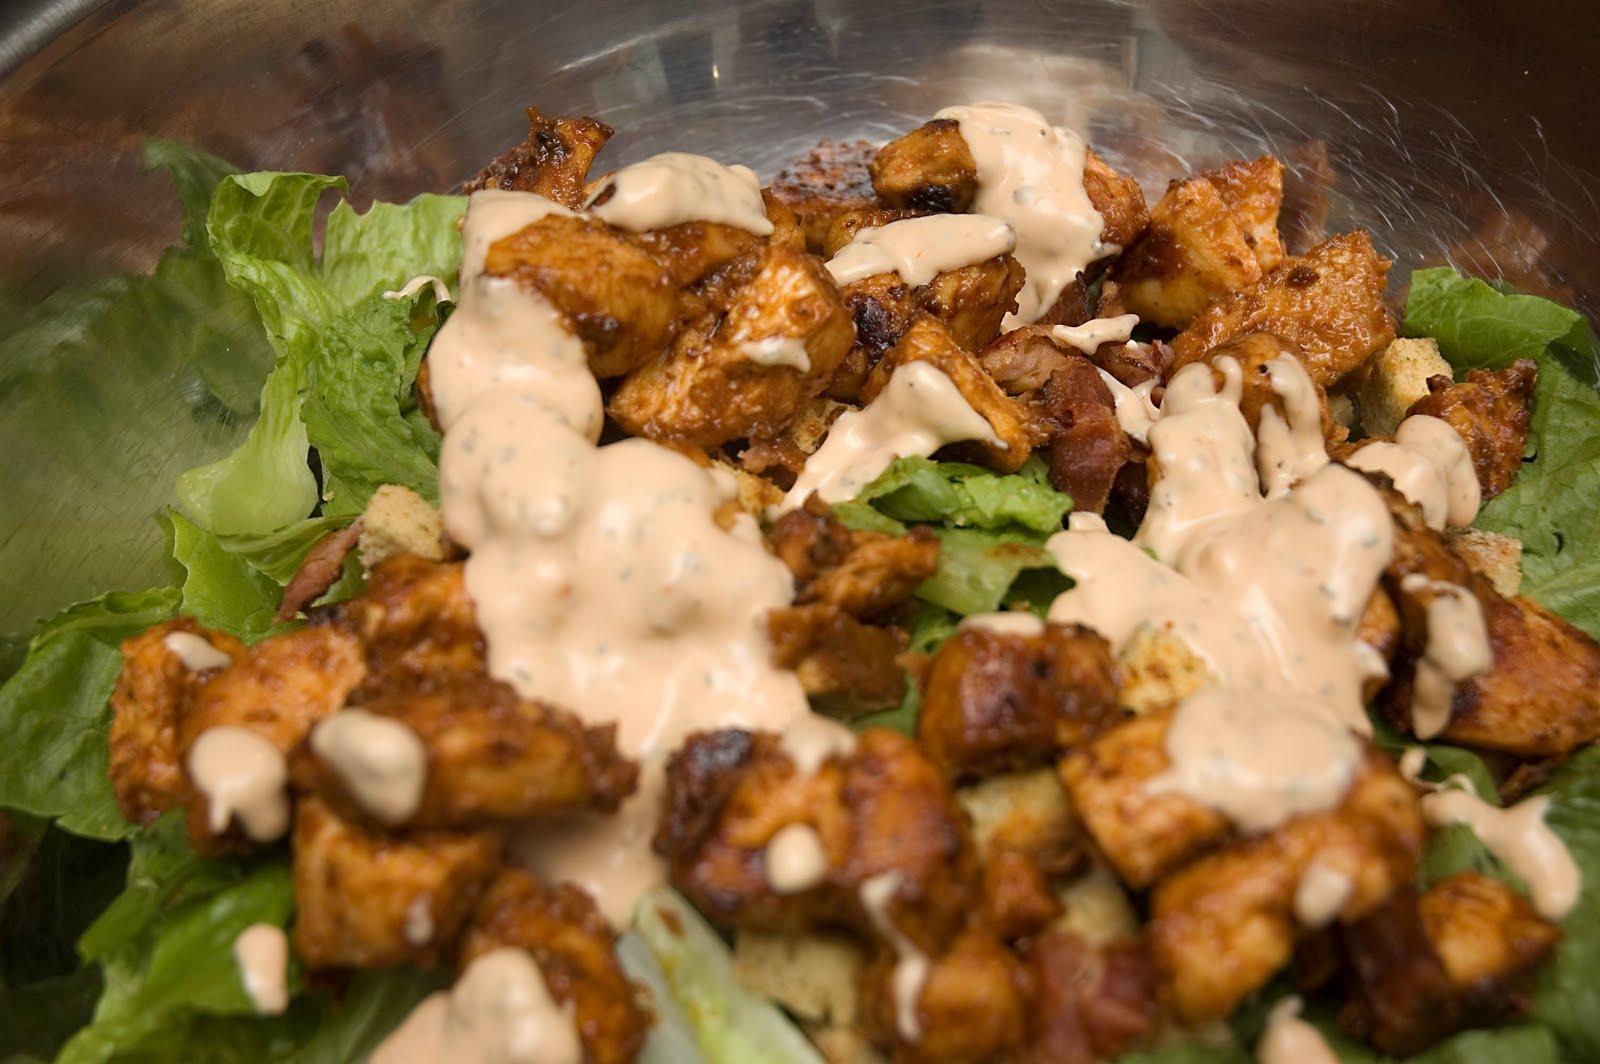 Salade c sar ti de au poulet grill sauce ros e - Recette salade cesar au poulet grille ...